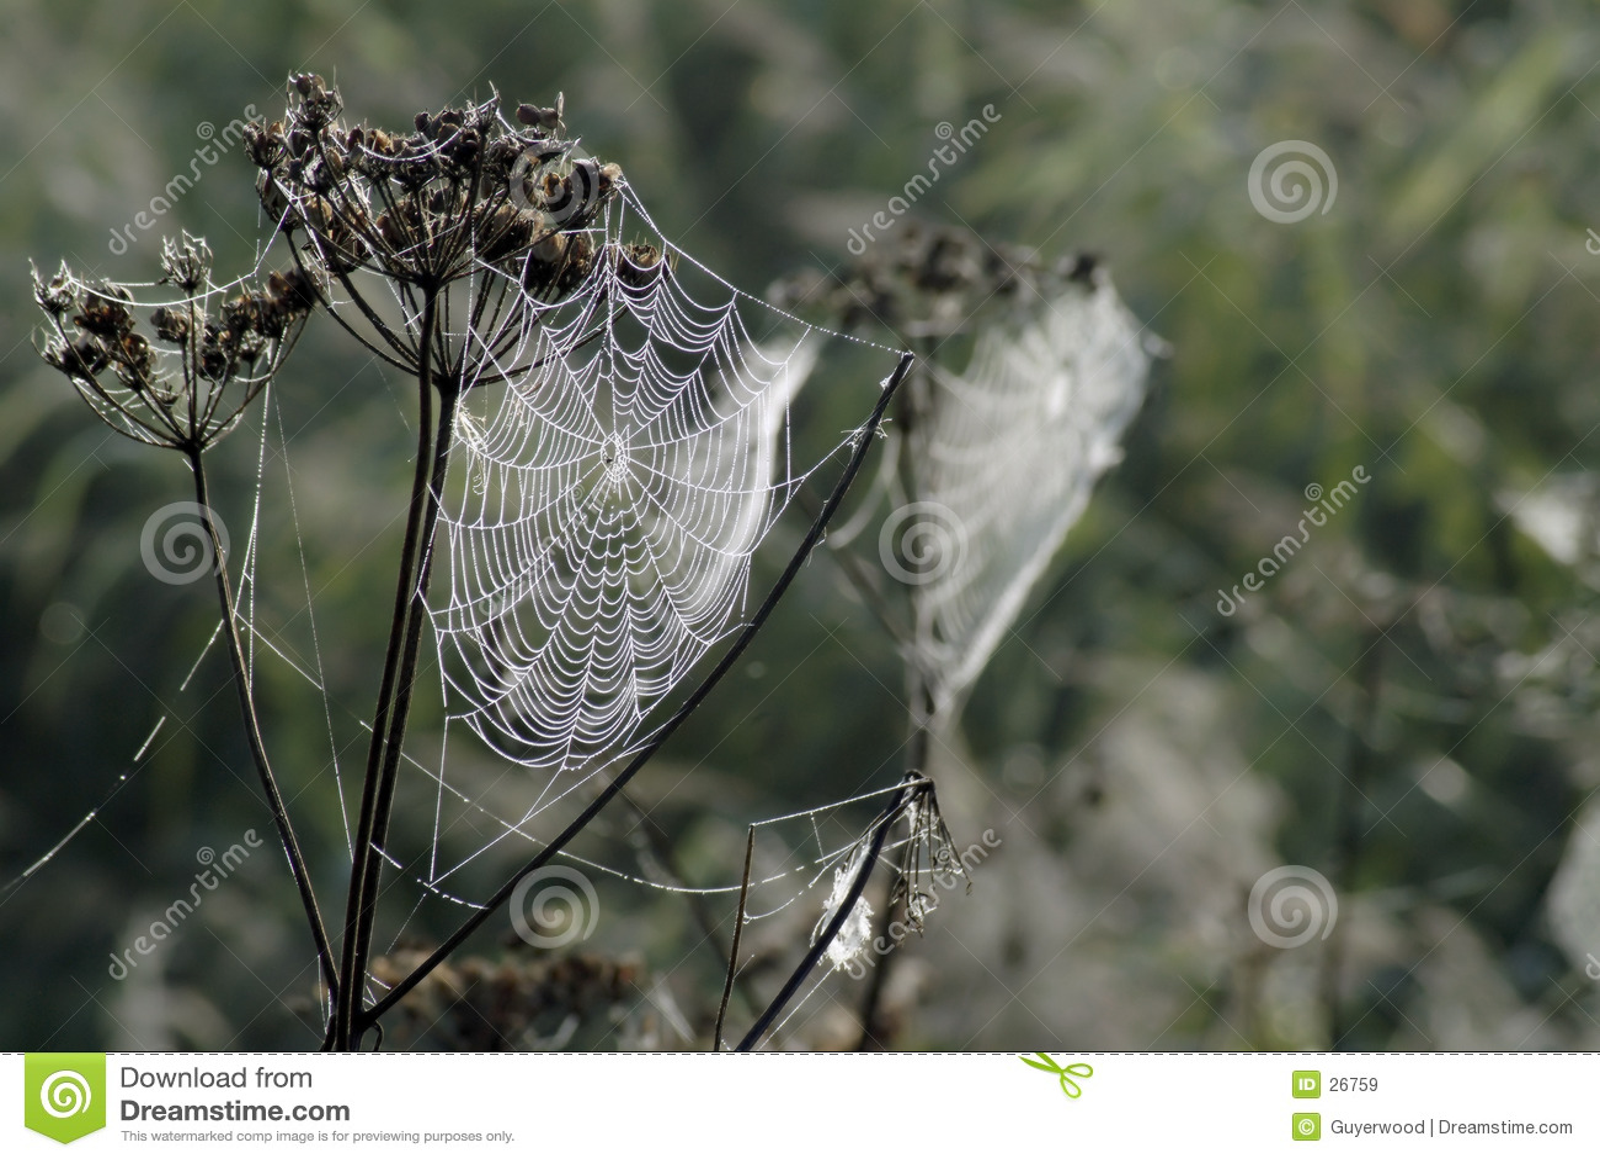 露水s蜘蛛网